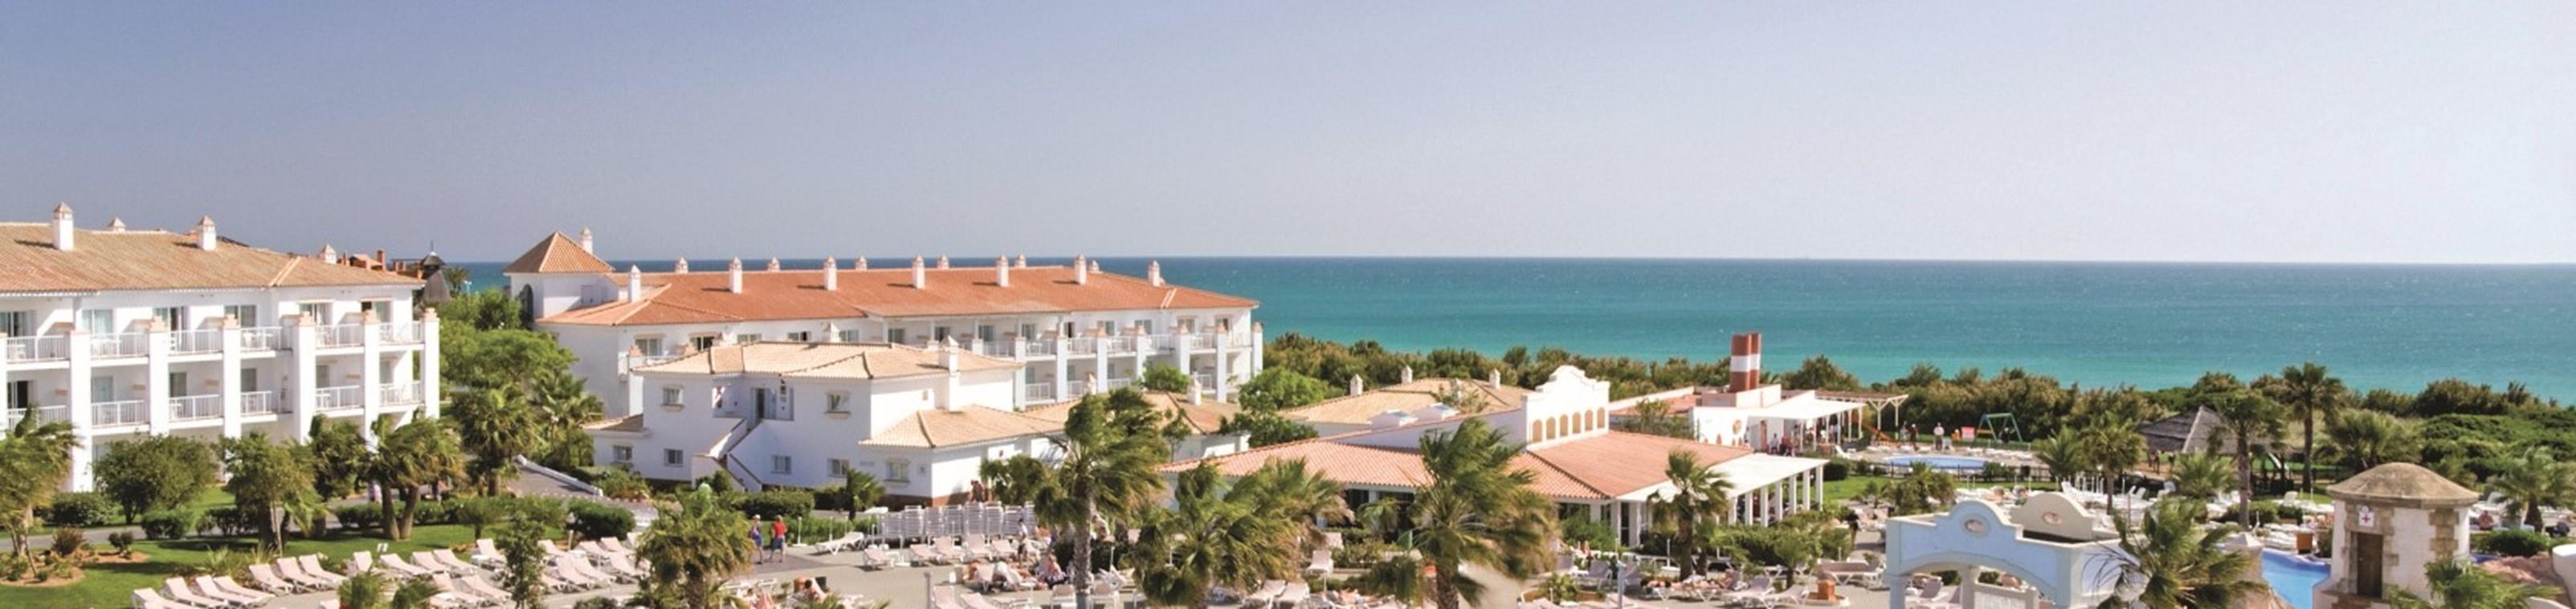 ClubHotel Riu Chiclana, Costa de la Luz